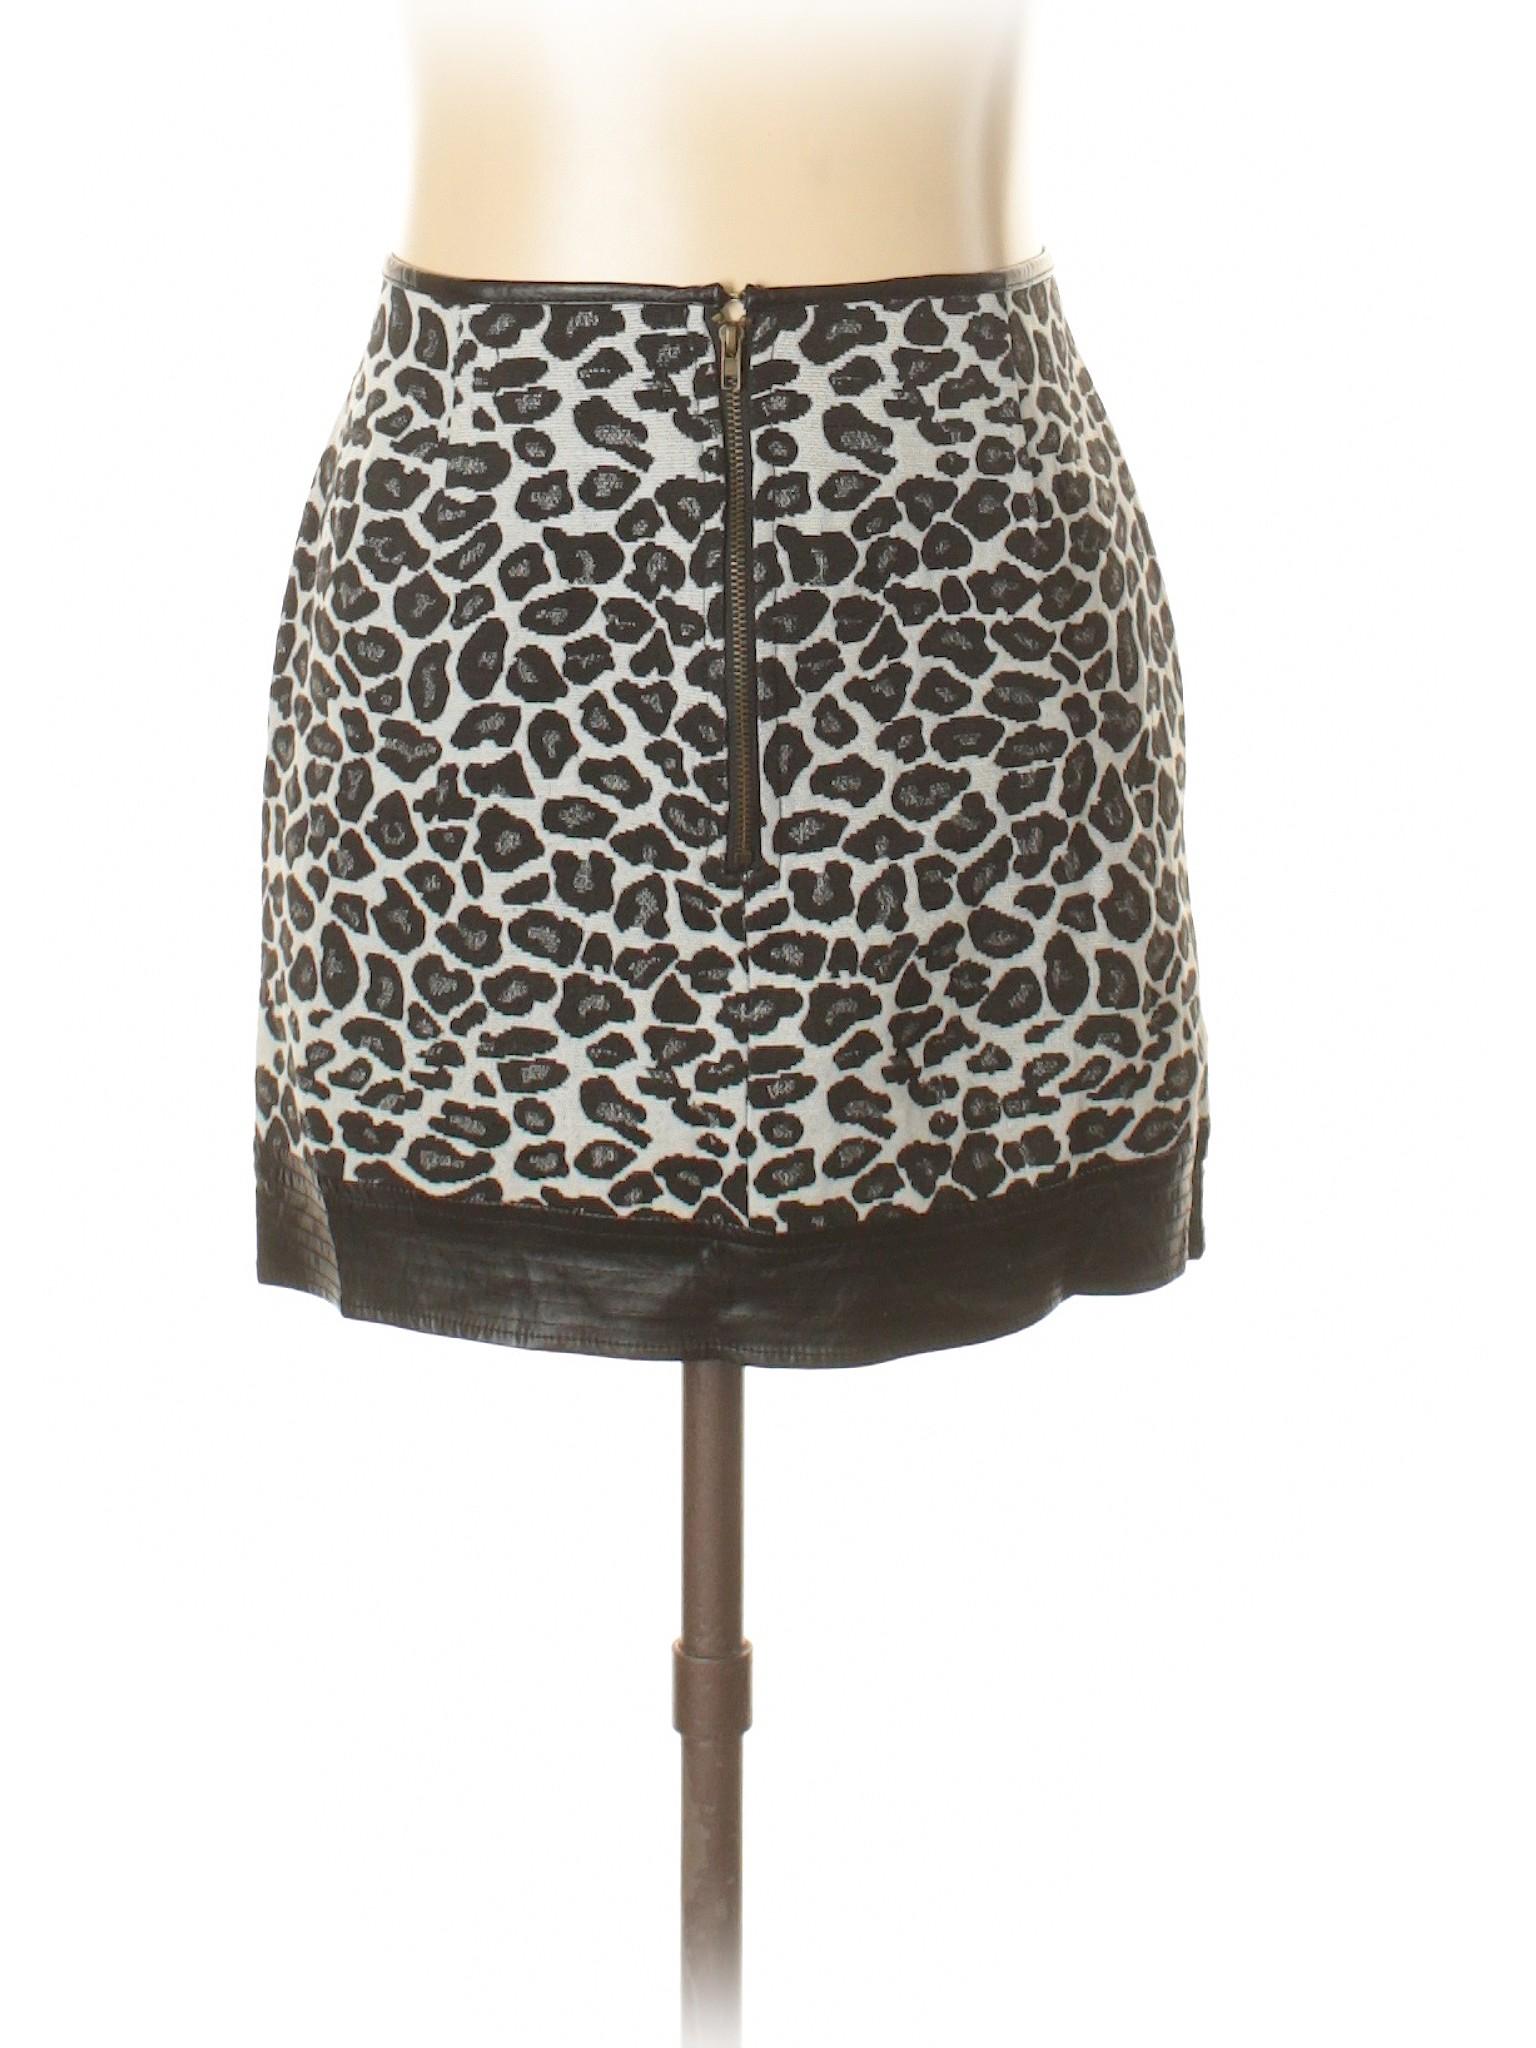 Boutique Casual Skirt Skirt Boutique Boutique Casual Boutique Skirt Casual z6AHw71qx